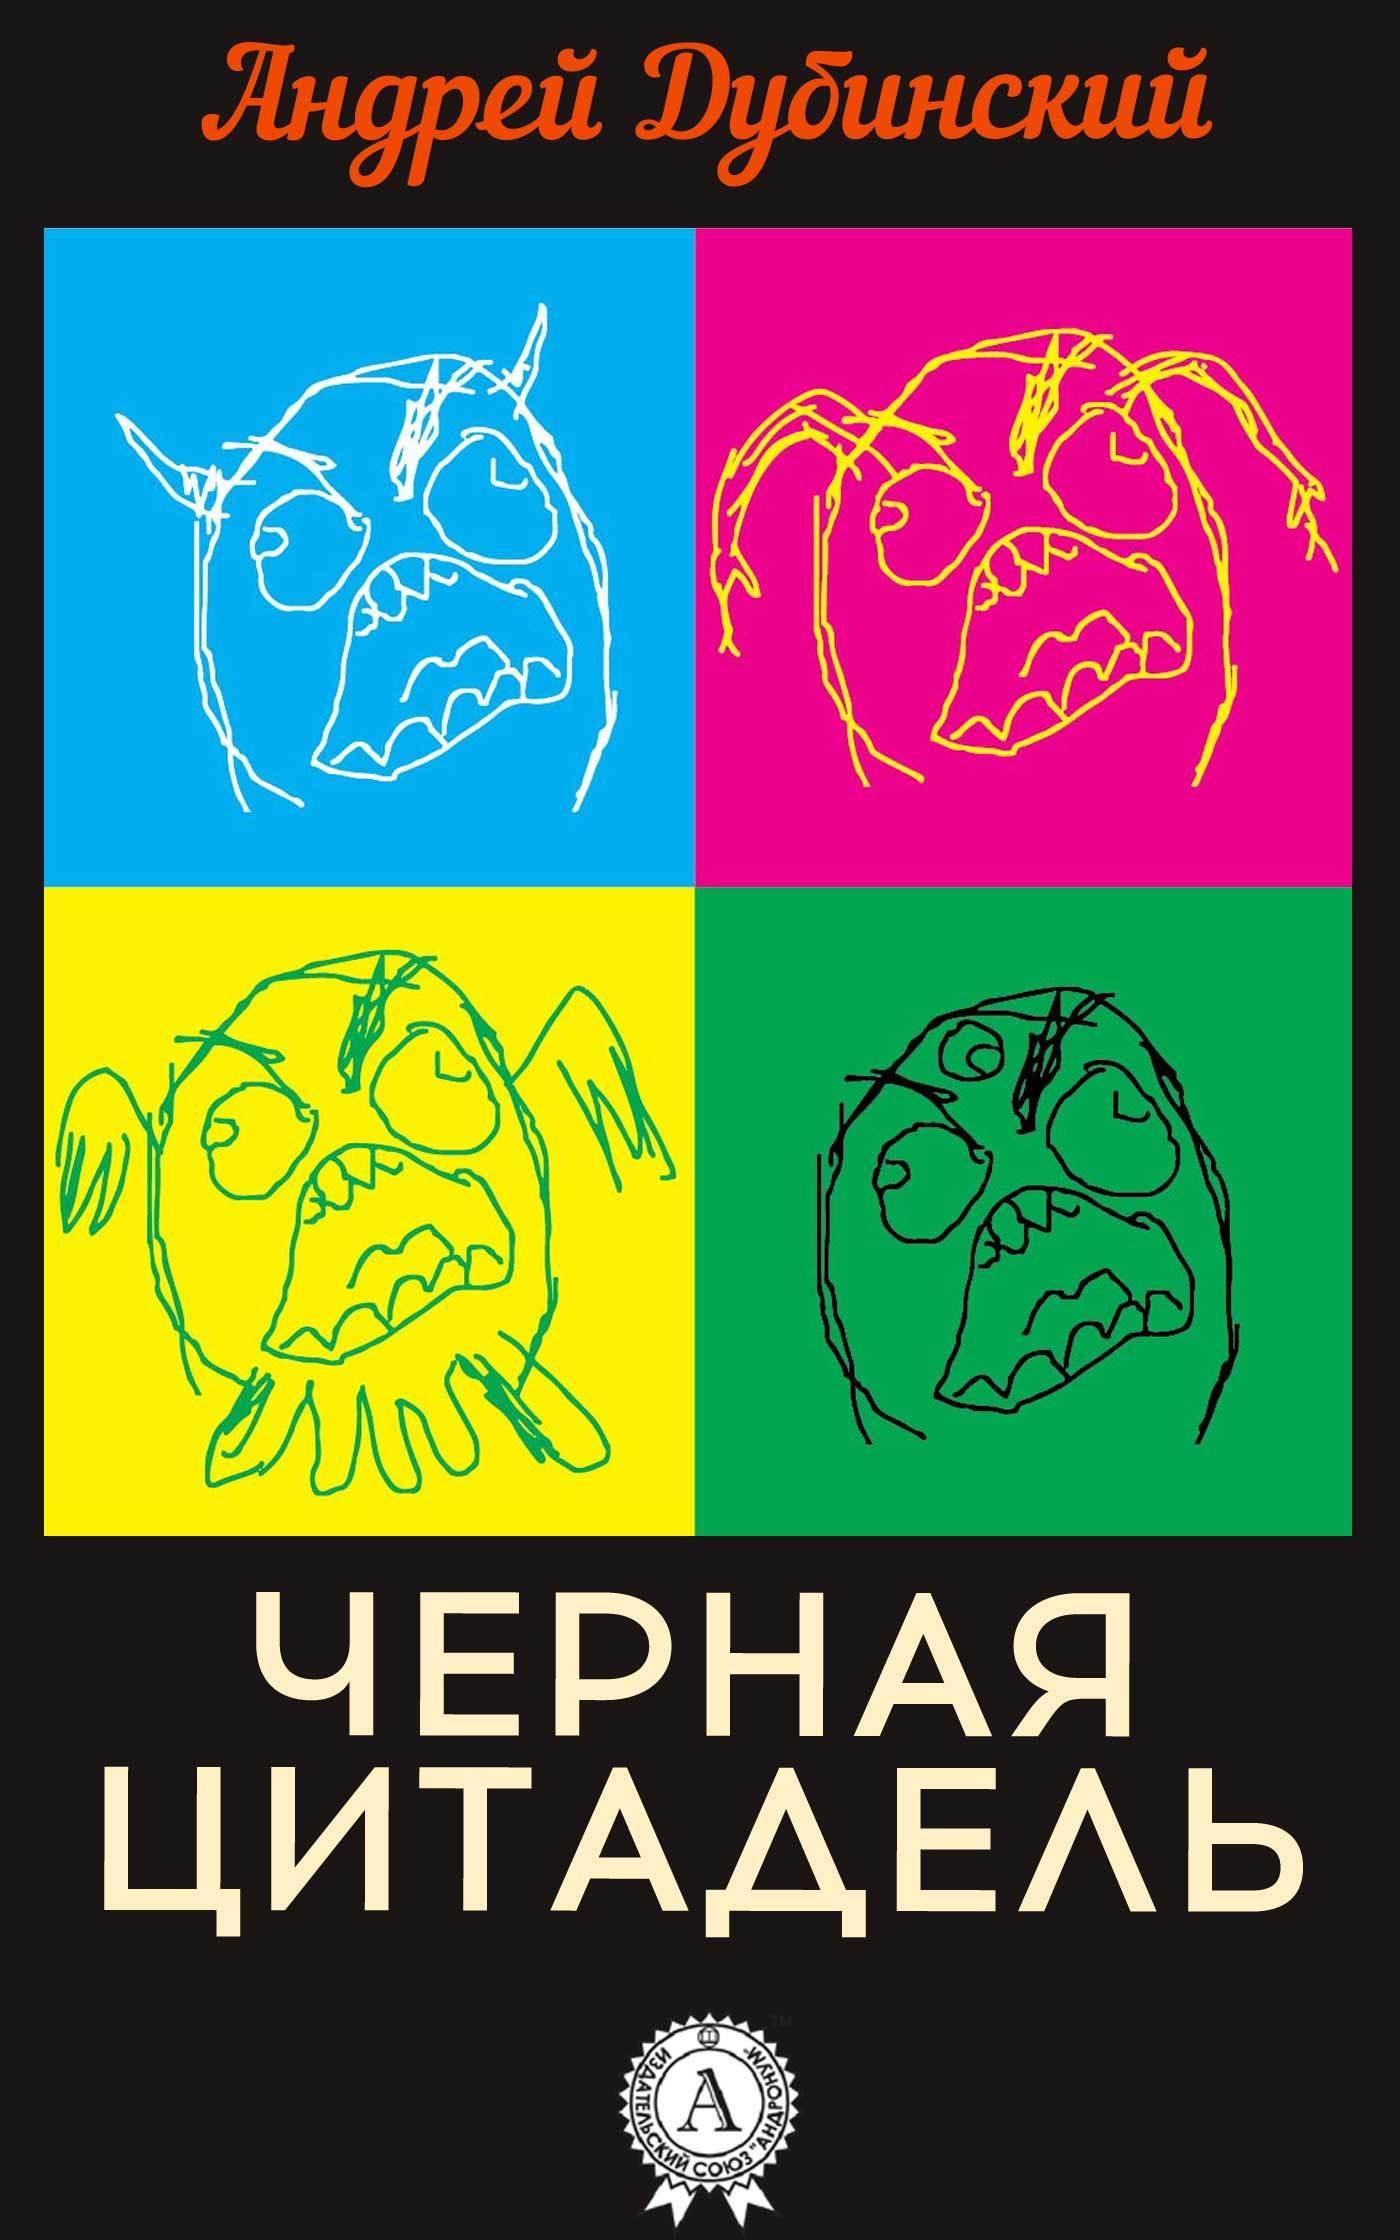 занимательное описание в книге Андрей Дубинский